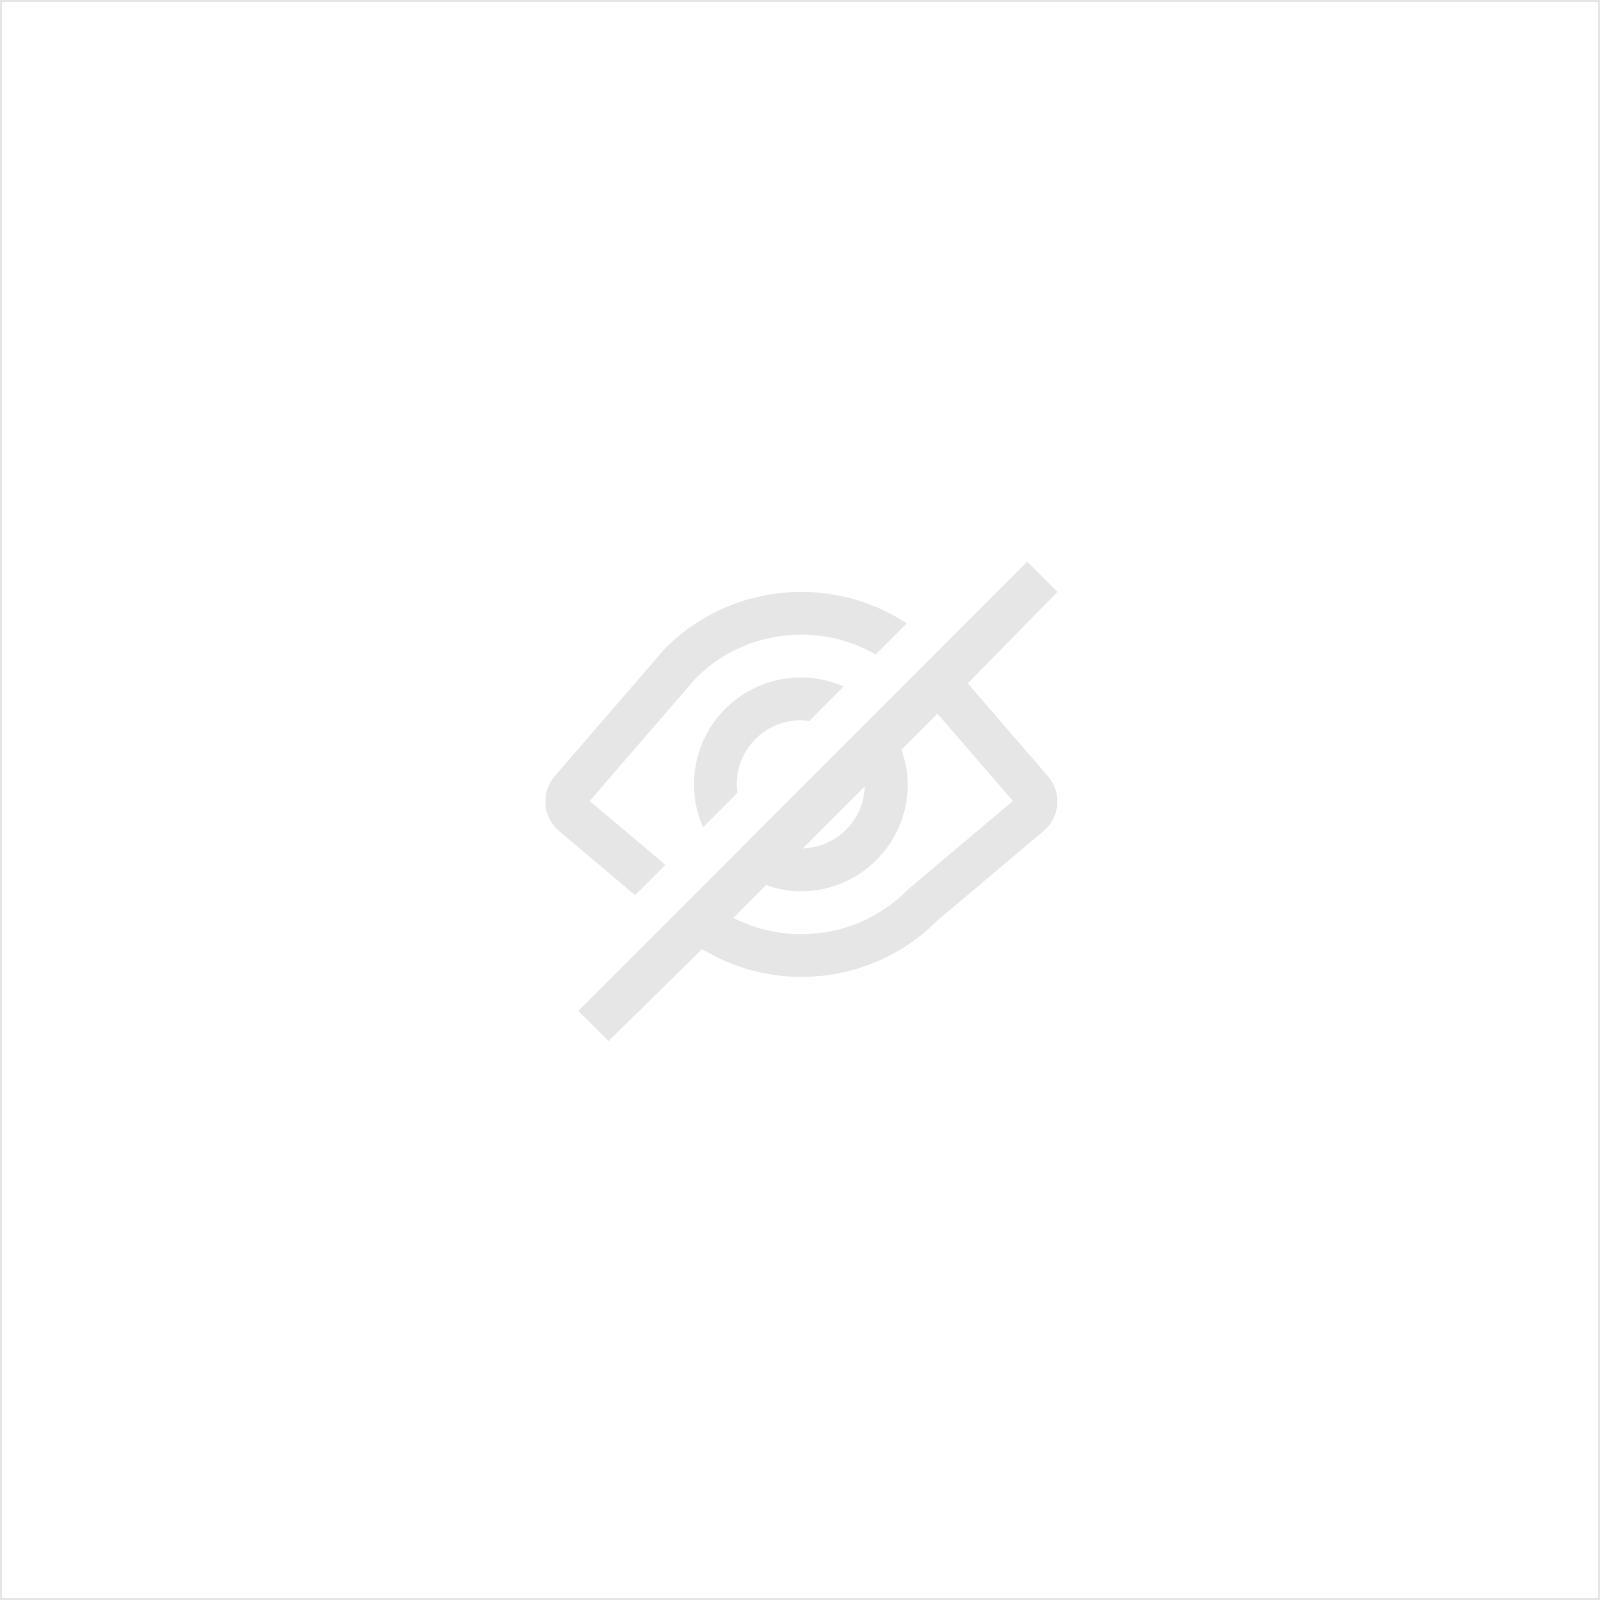 NOVOL ROESTWERENDE EPOXYPRIMER 3 L